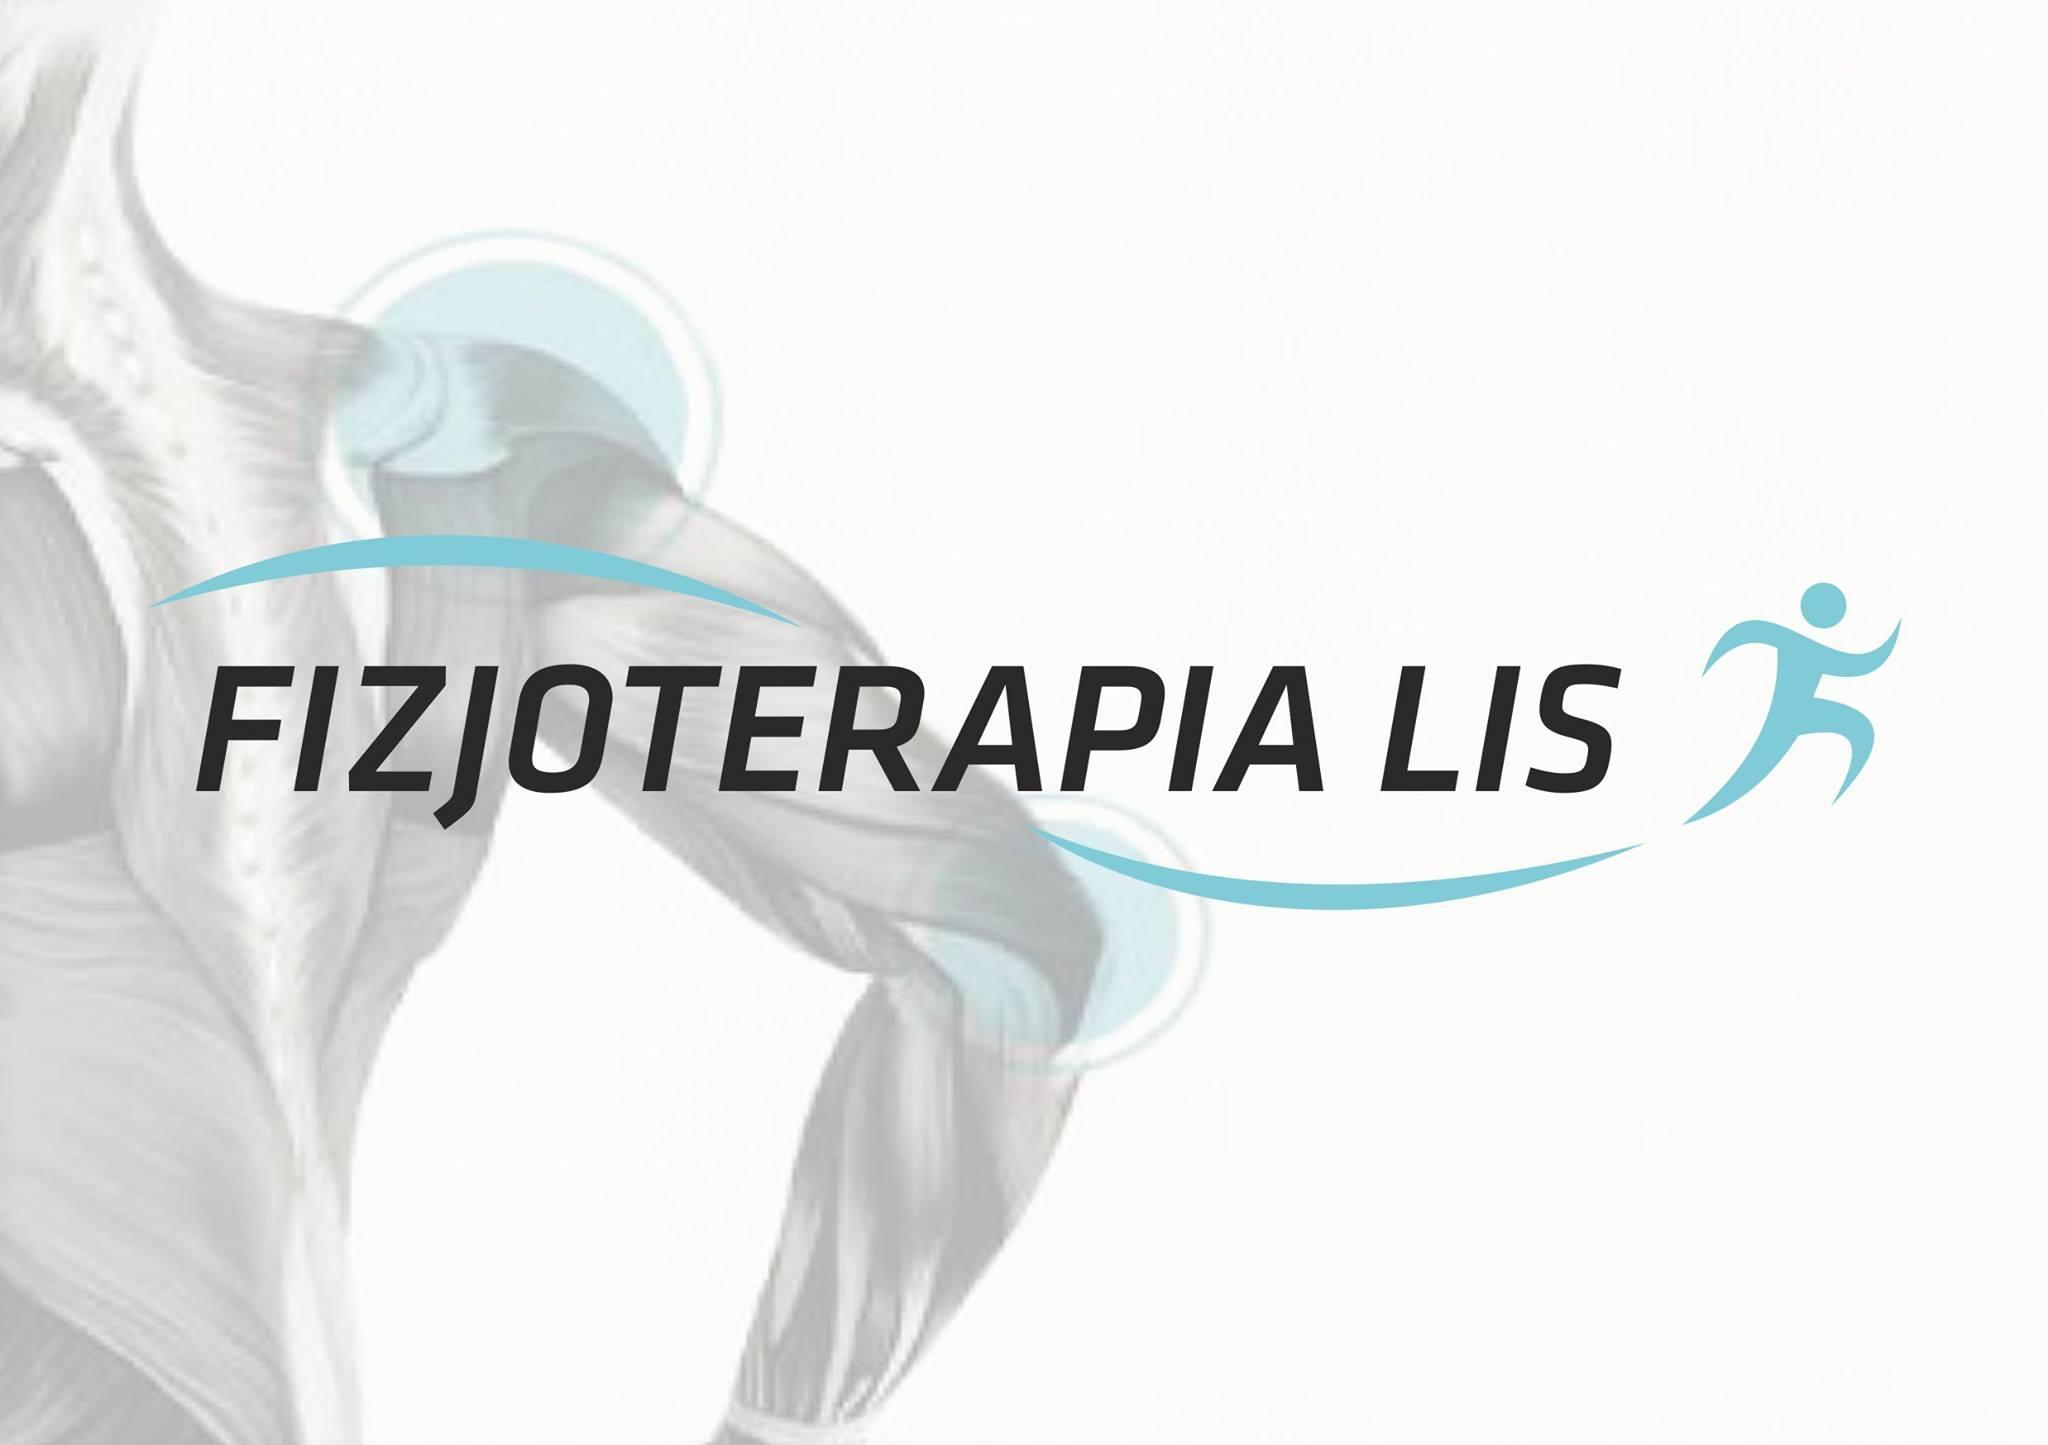 Fizjoterapia Lis. BardoMed - sklep ze sprzętem rehabilitacyjnym Kraków